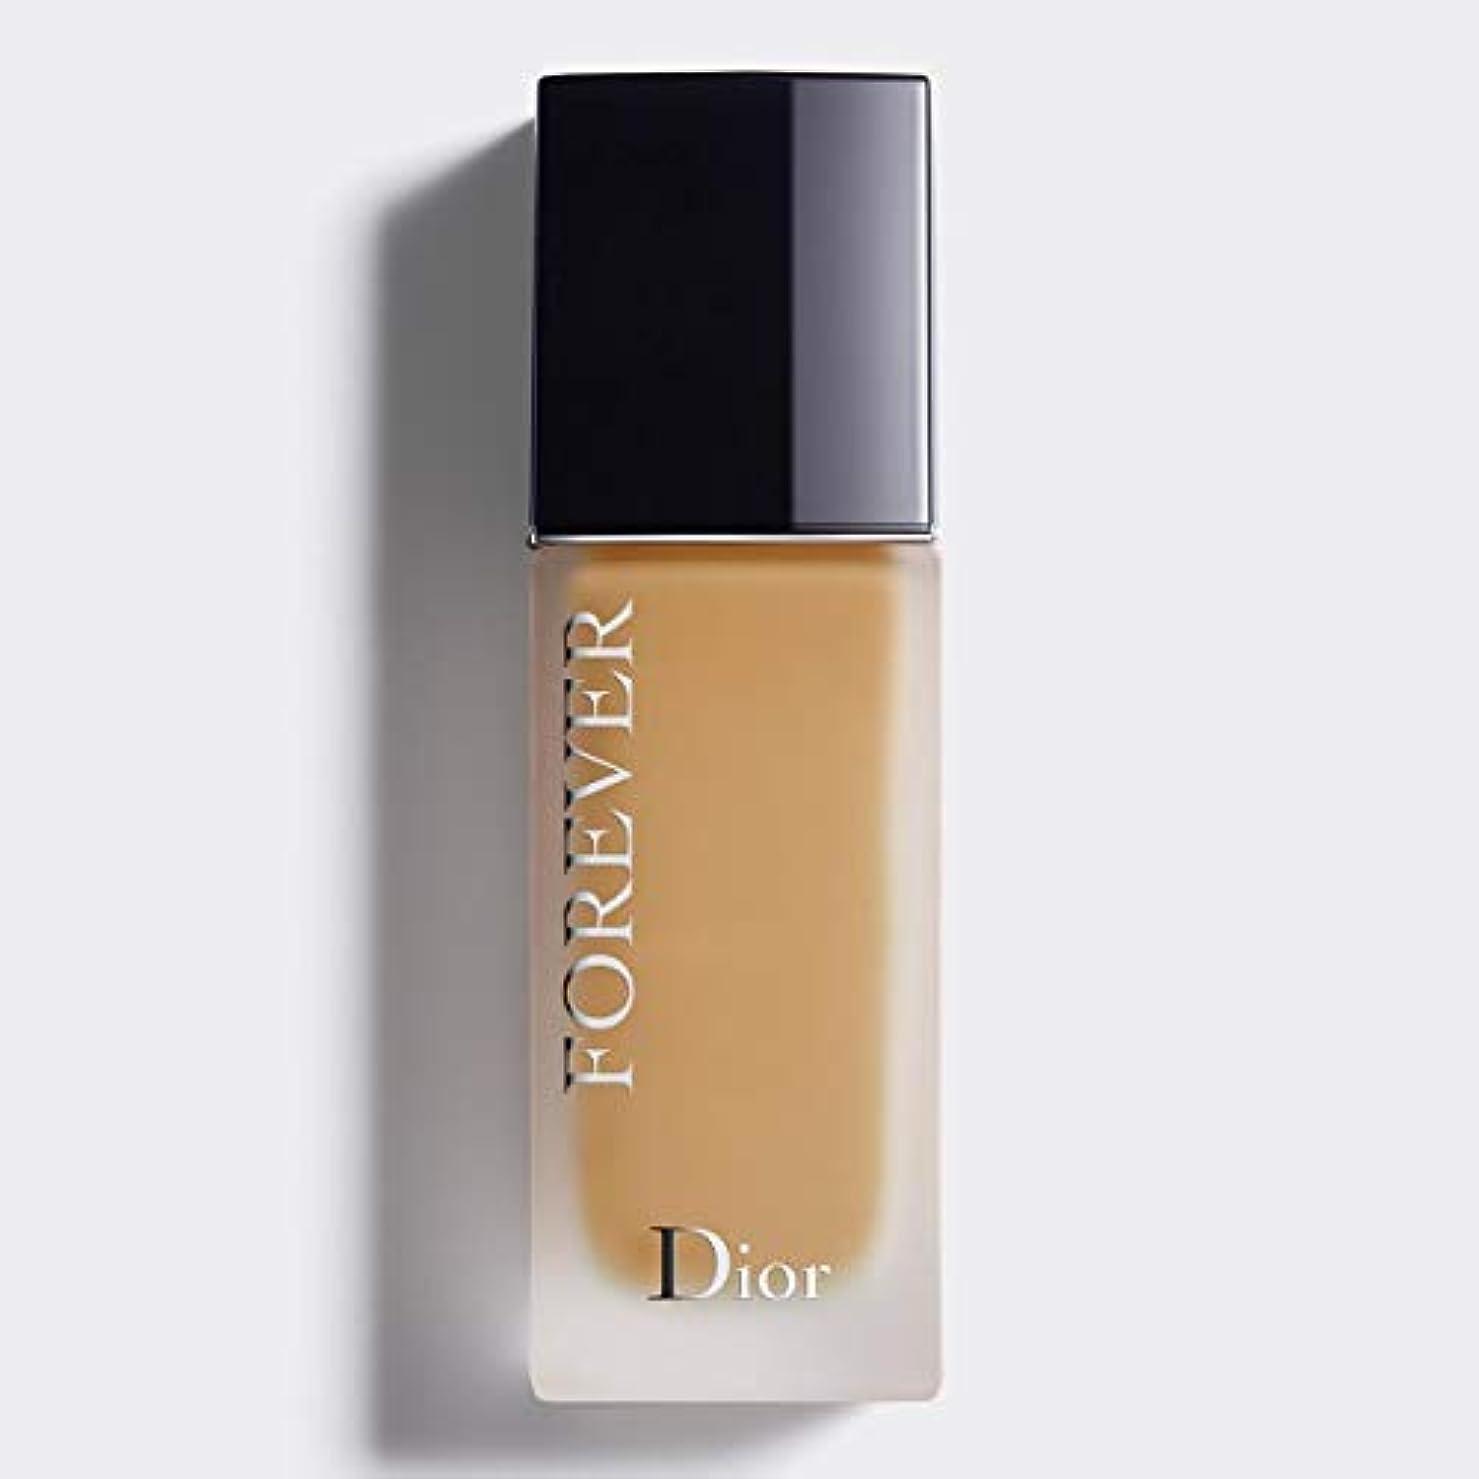 規定懇願するによるとクリスチャンディオール Dior Forever 24H Wear High Perfection Foundation SPF 35 - # 3WO (Warm Olive) 30ml/1oz並行輸入品